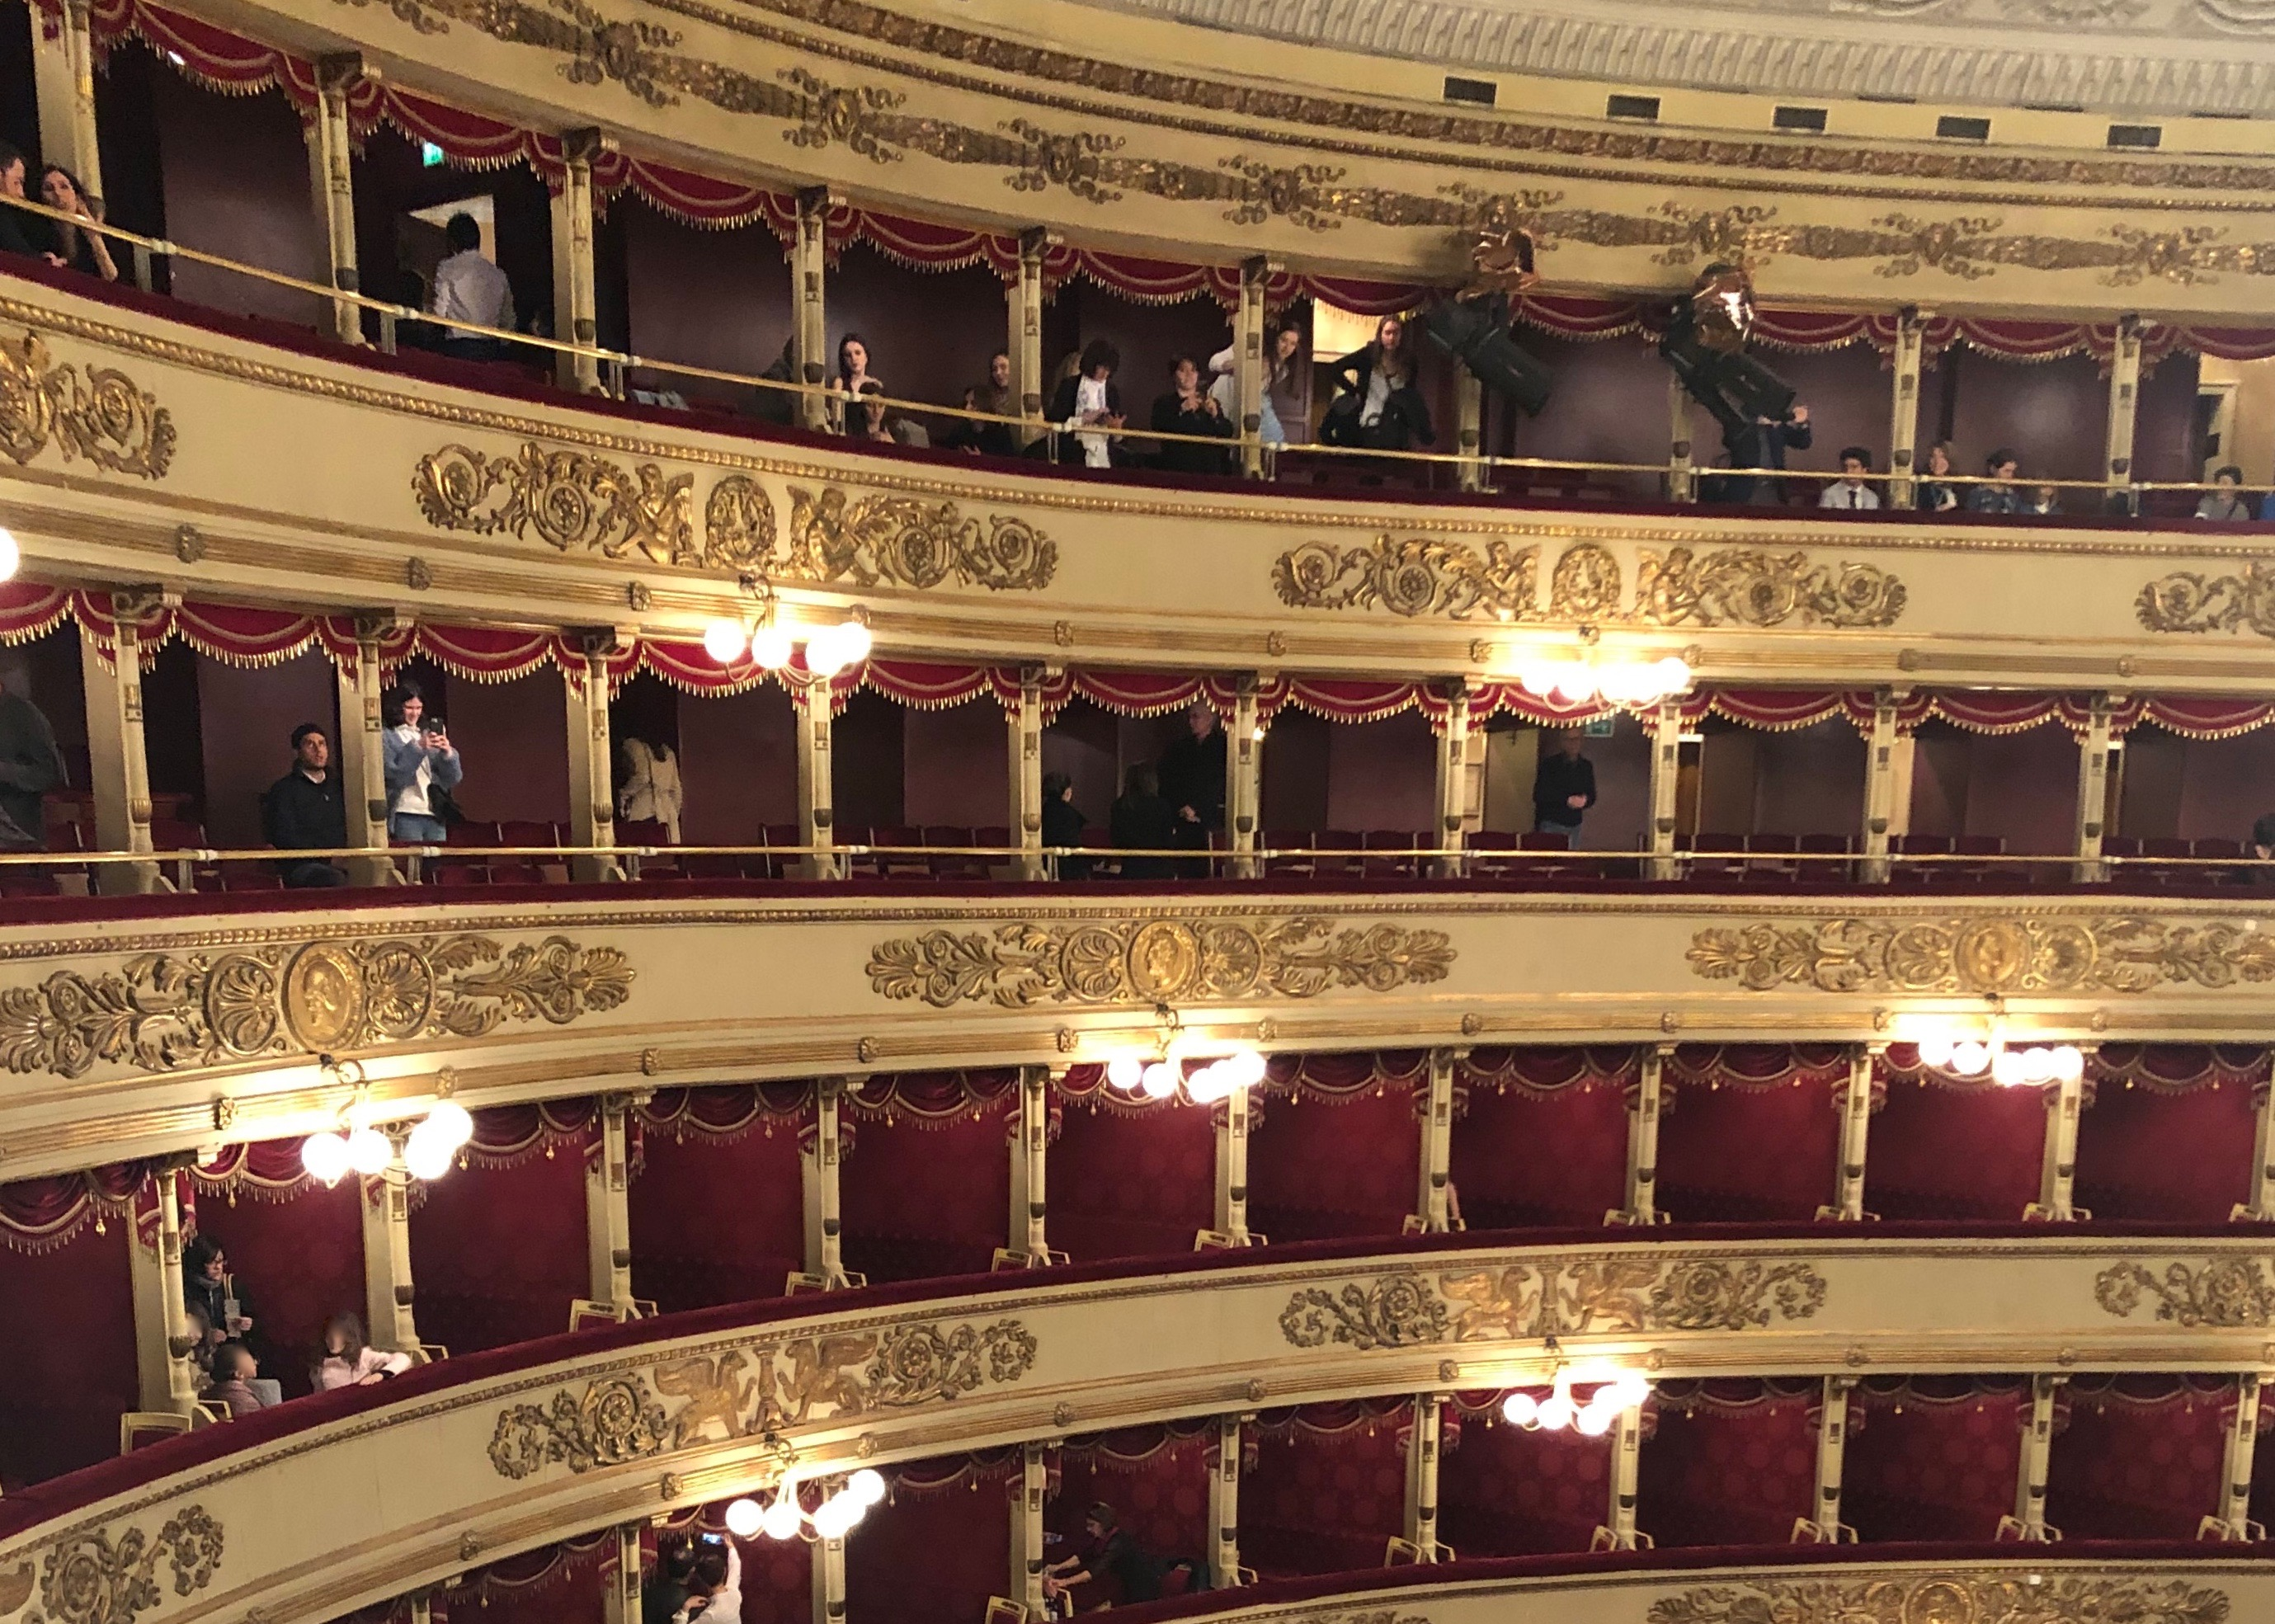 Eröffnung der Opernsaison an der Mailänder Scala